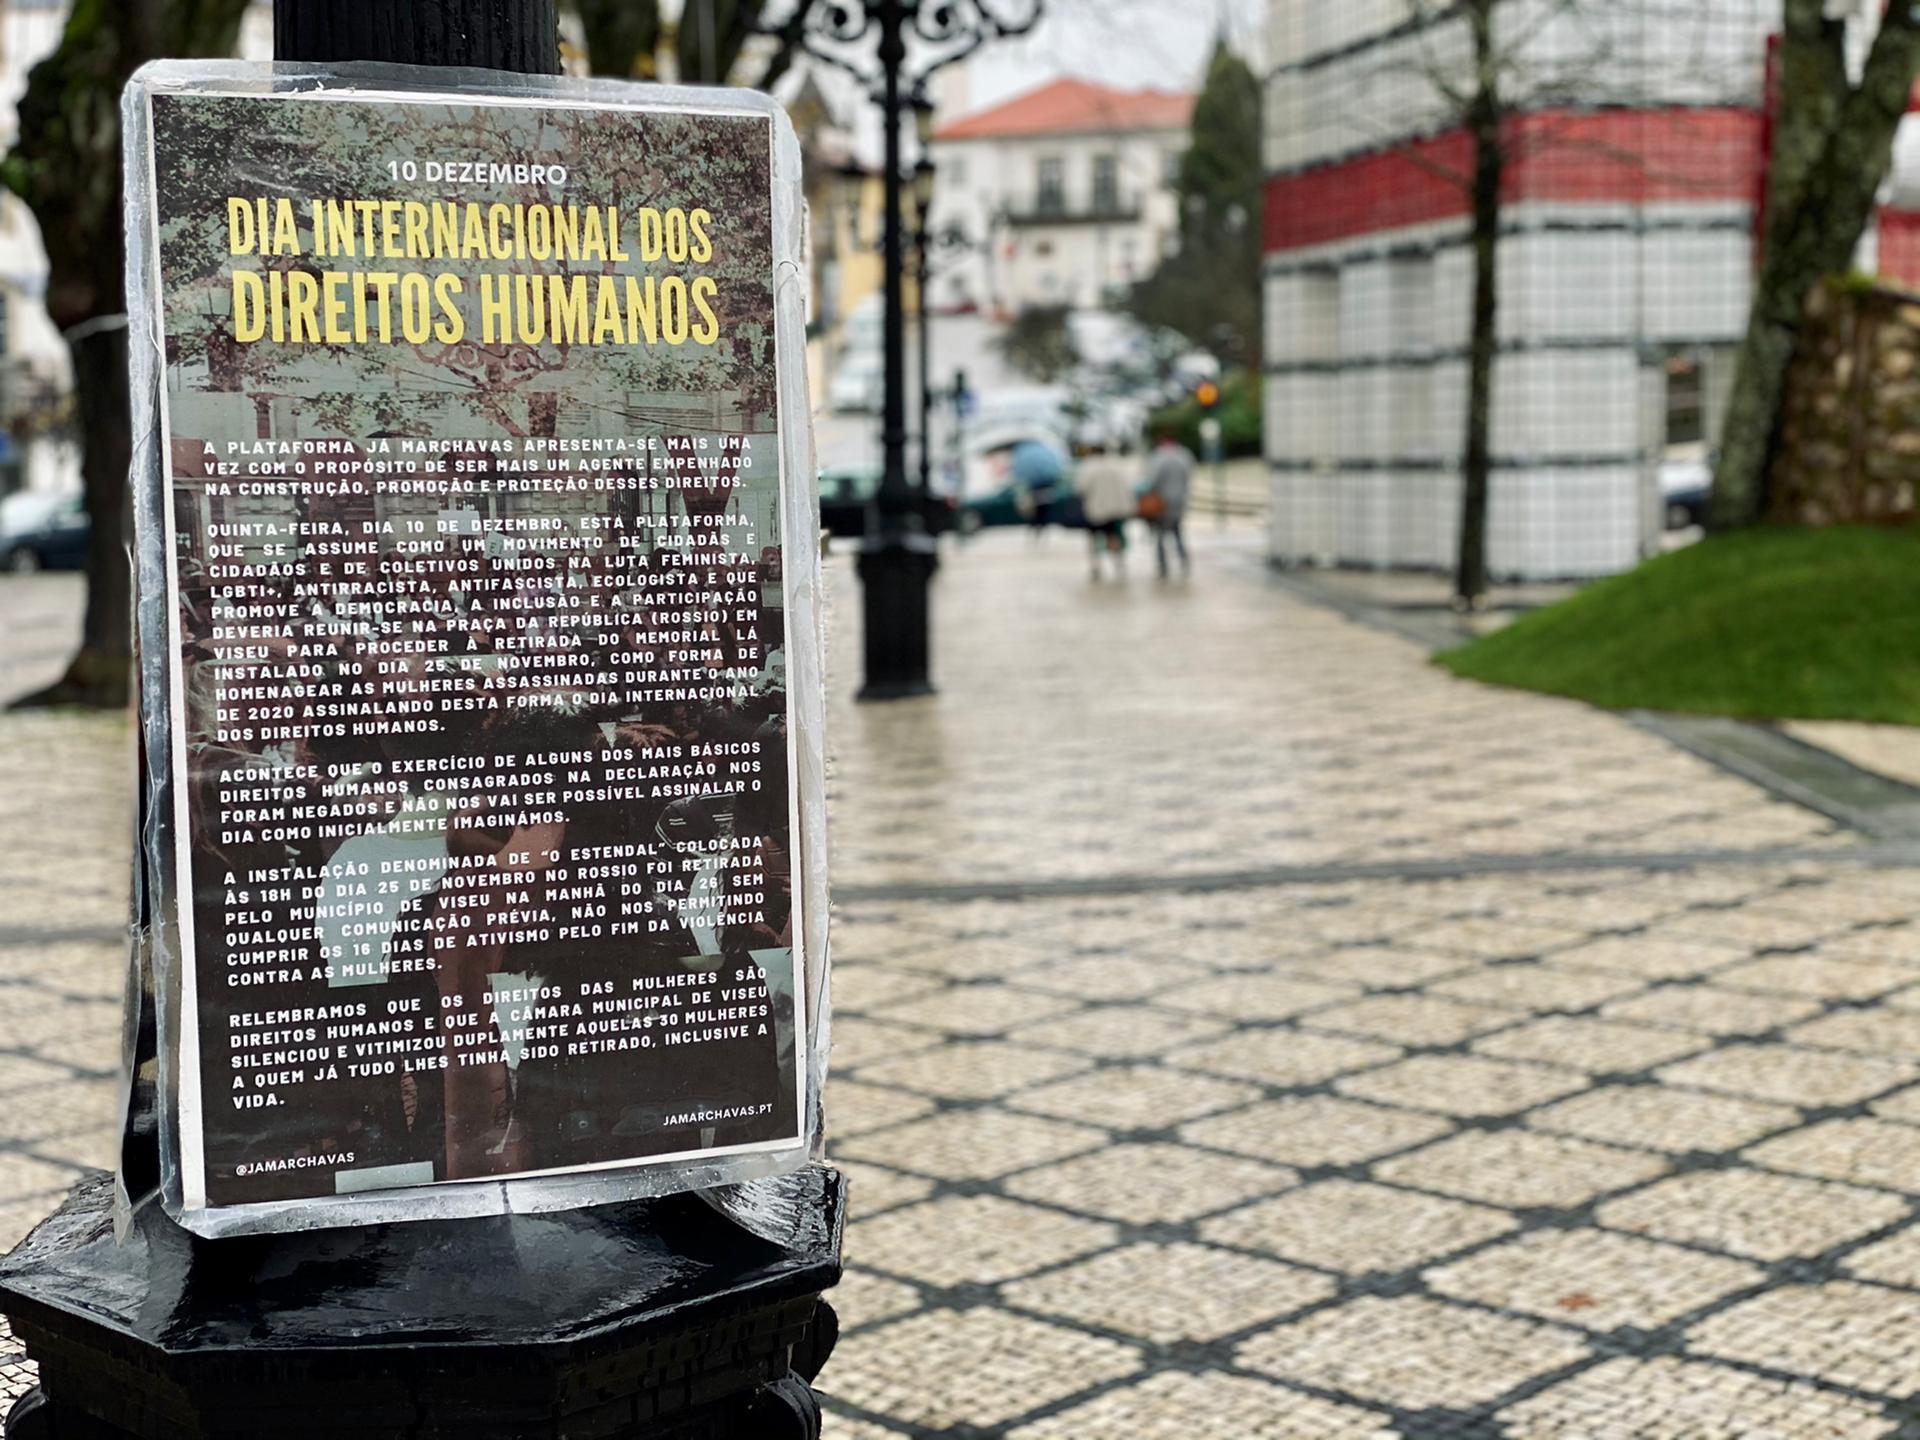 Direitos Humanos: o Direito a ser com dignidade